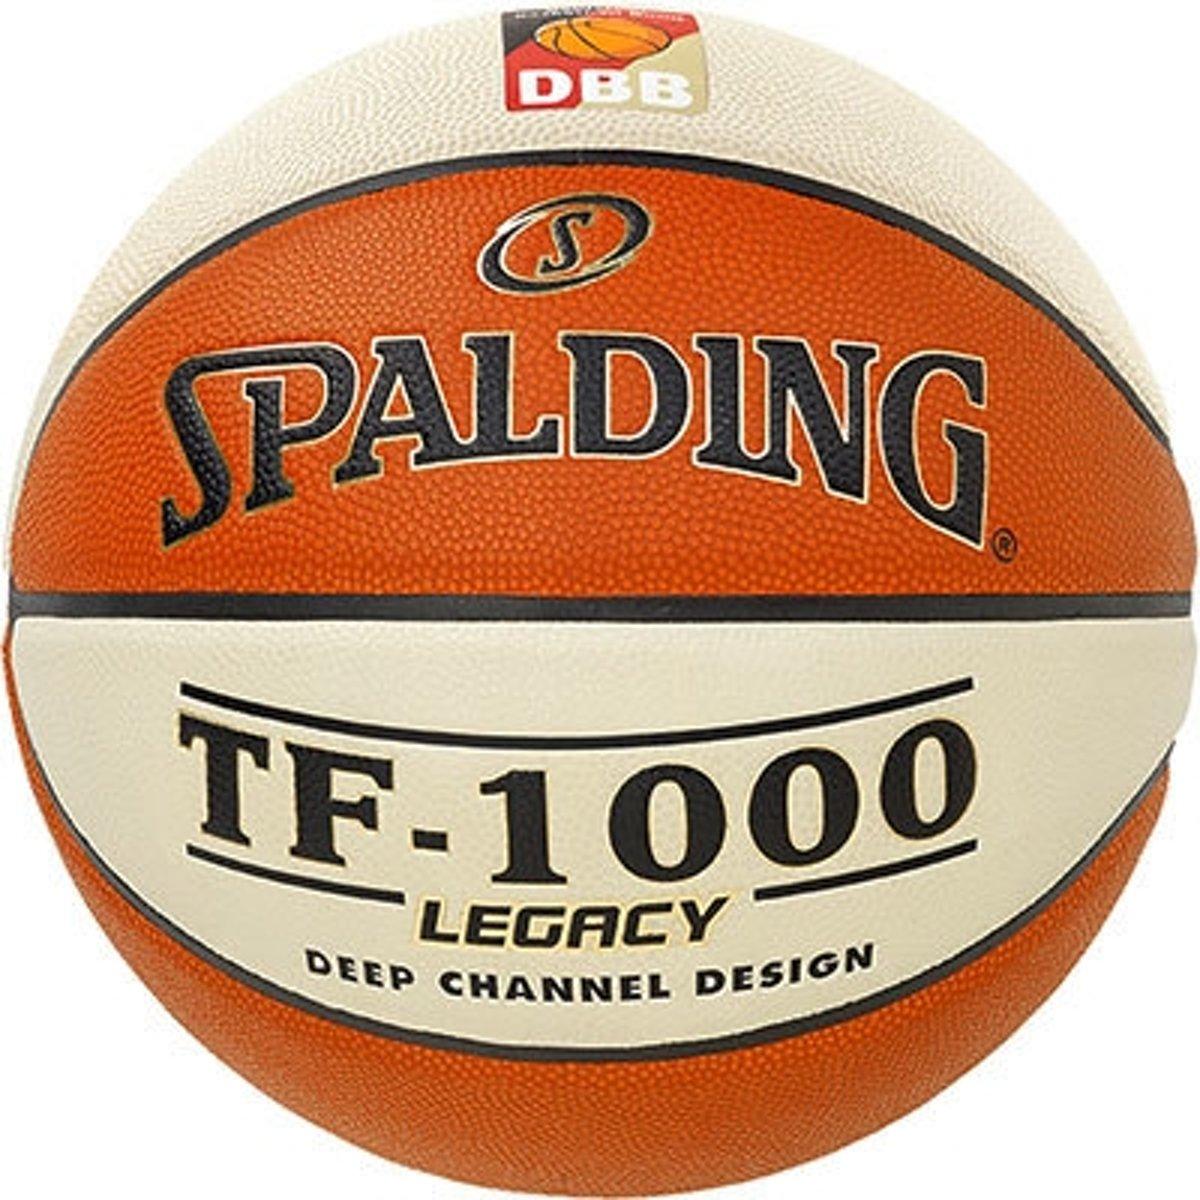 Spalding Basketbal TF1000 Legacy DBB 2 color mt 6 kopen